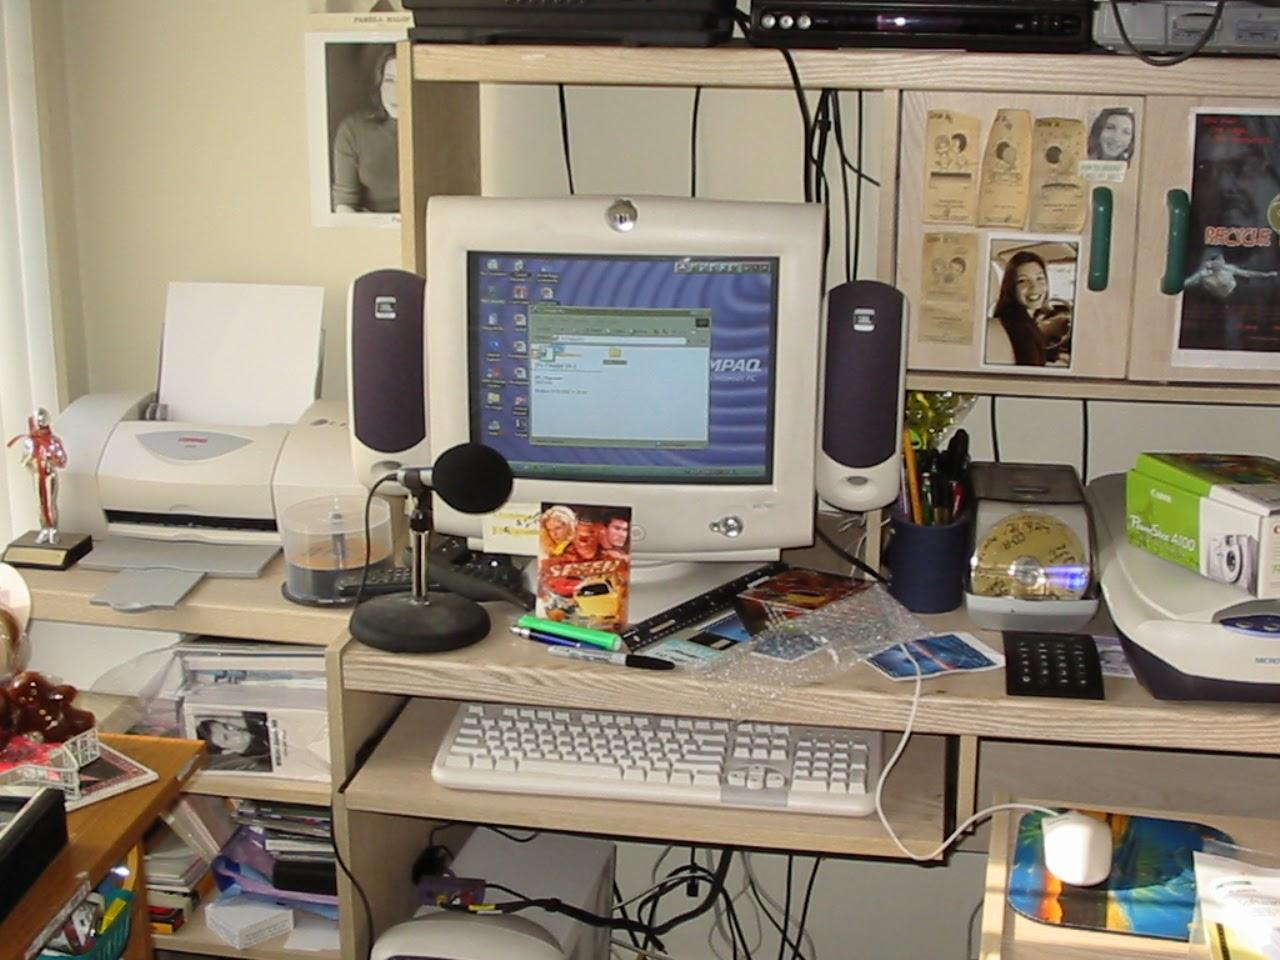 8-31-2002 003.jpg